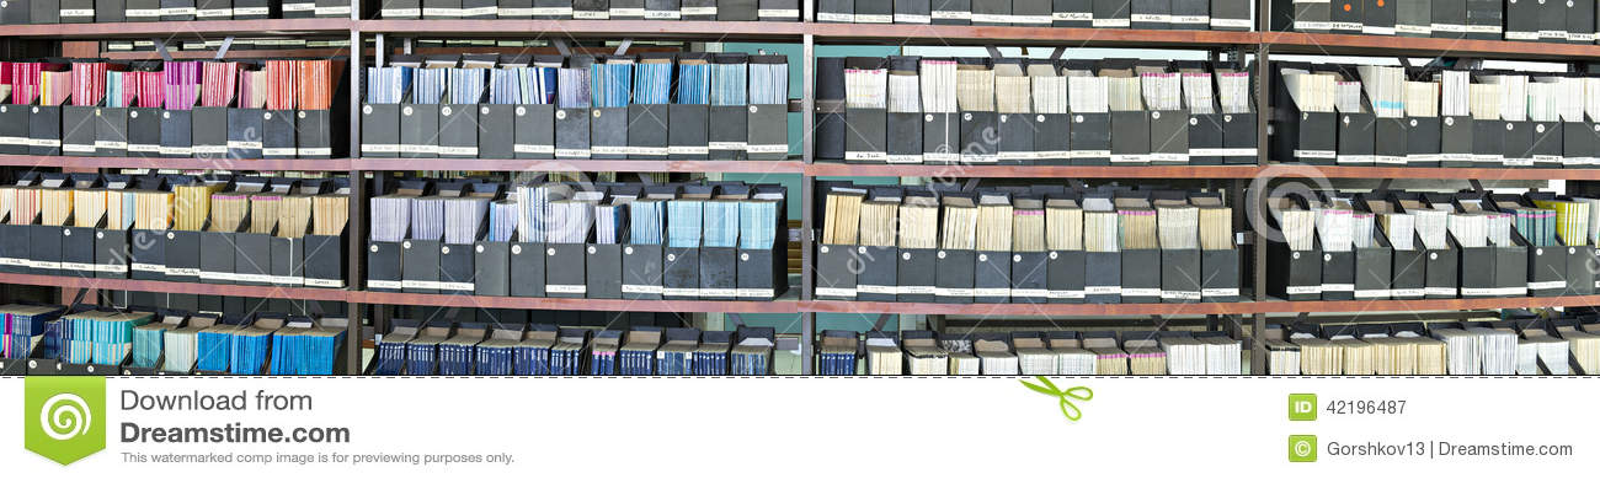 Παλαιά περιοδικά σε μια βιβλιοθήκη